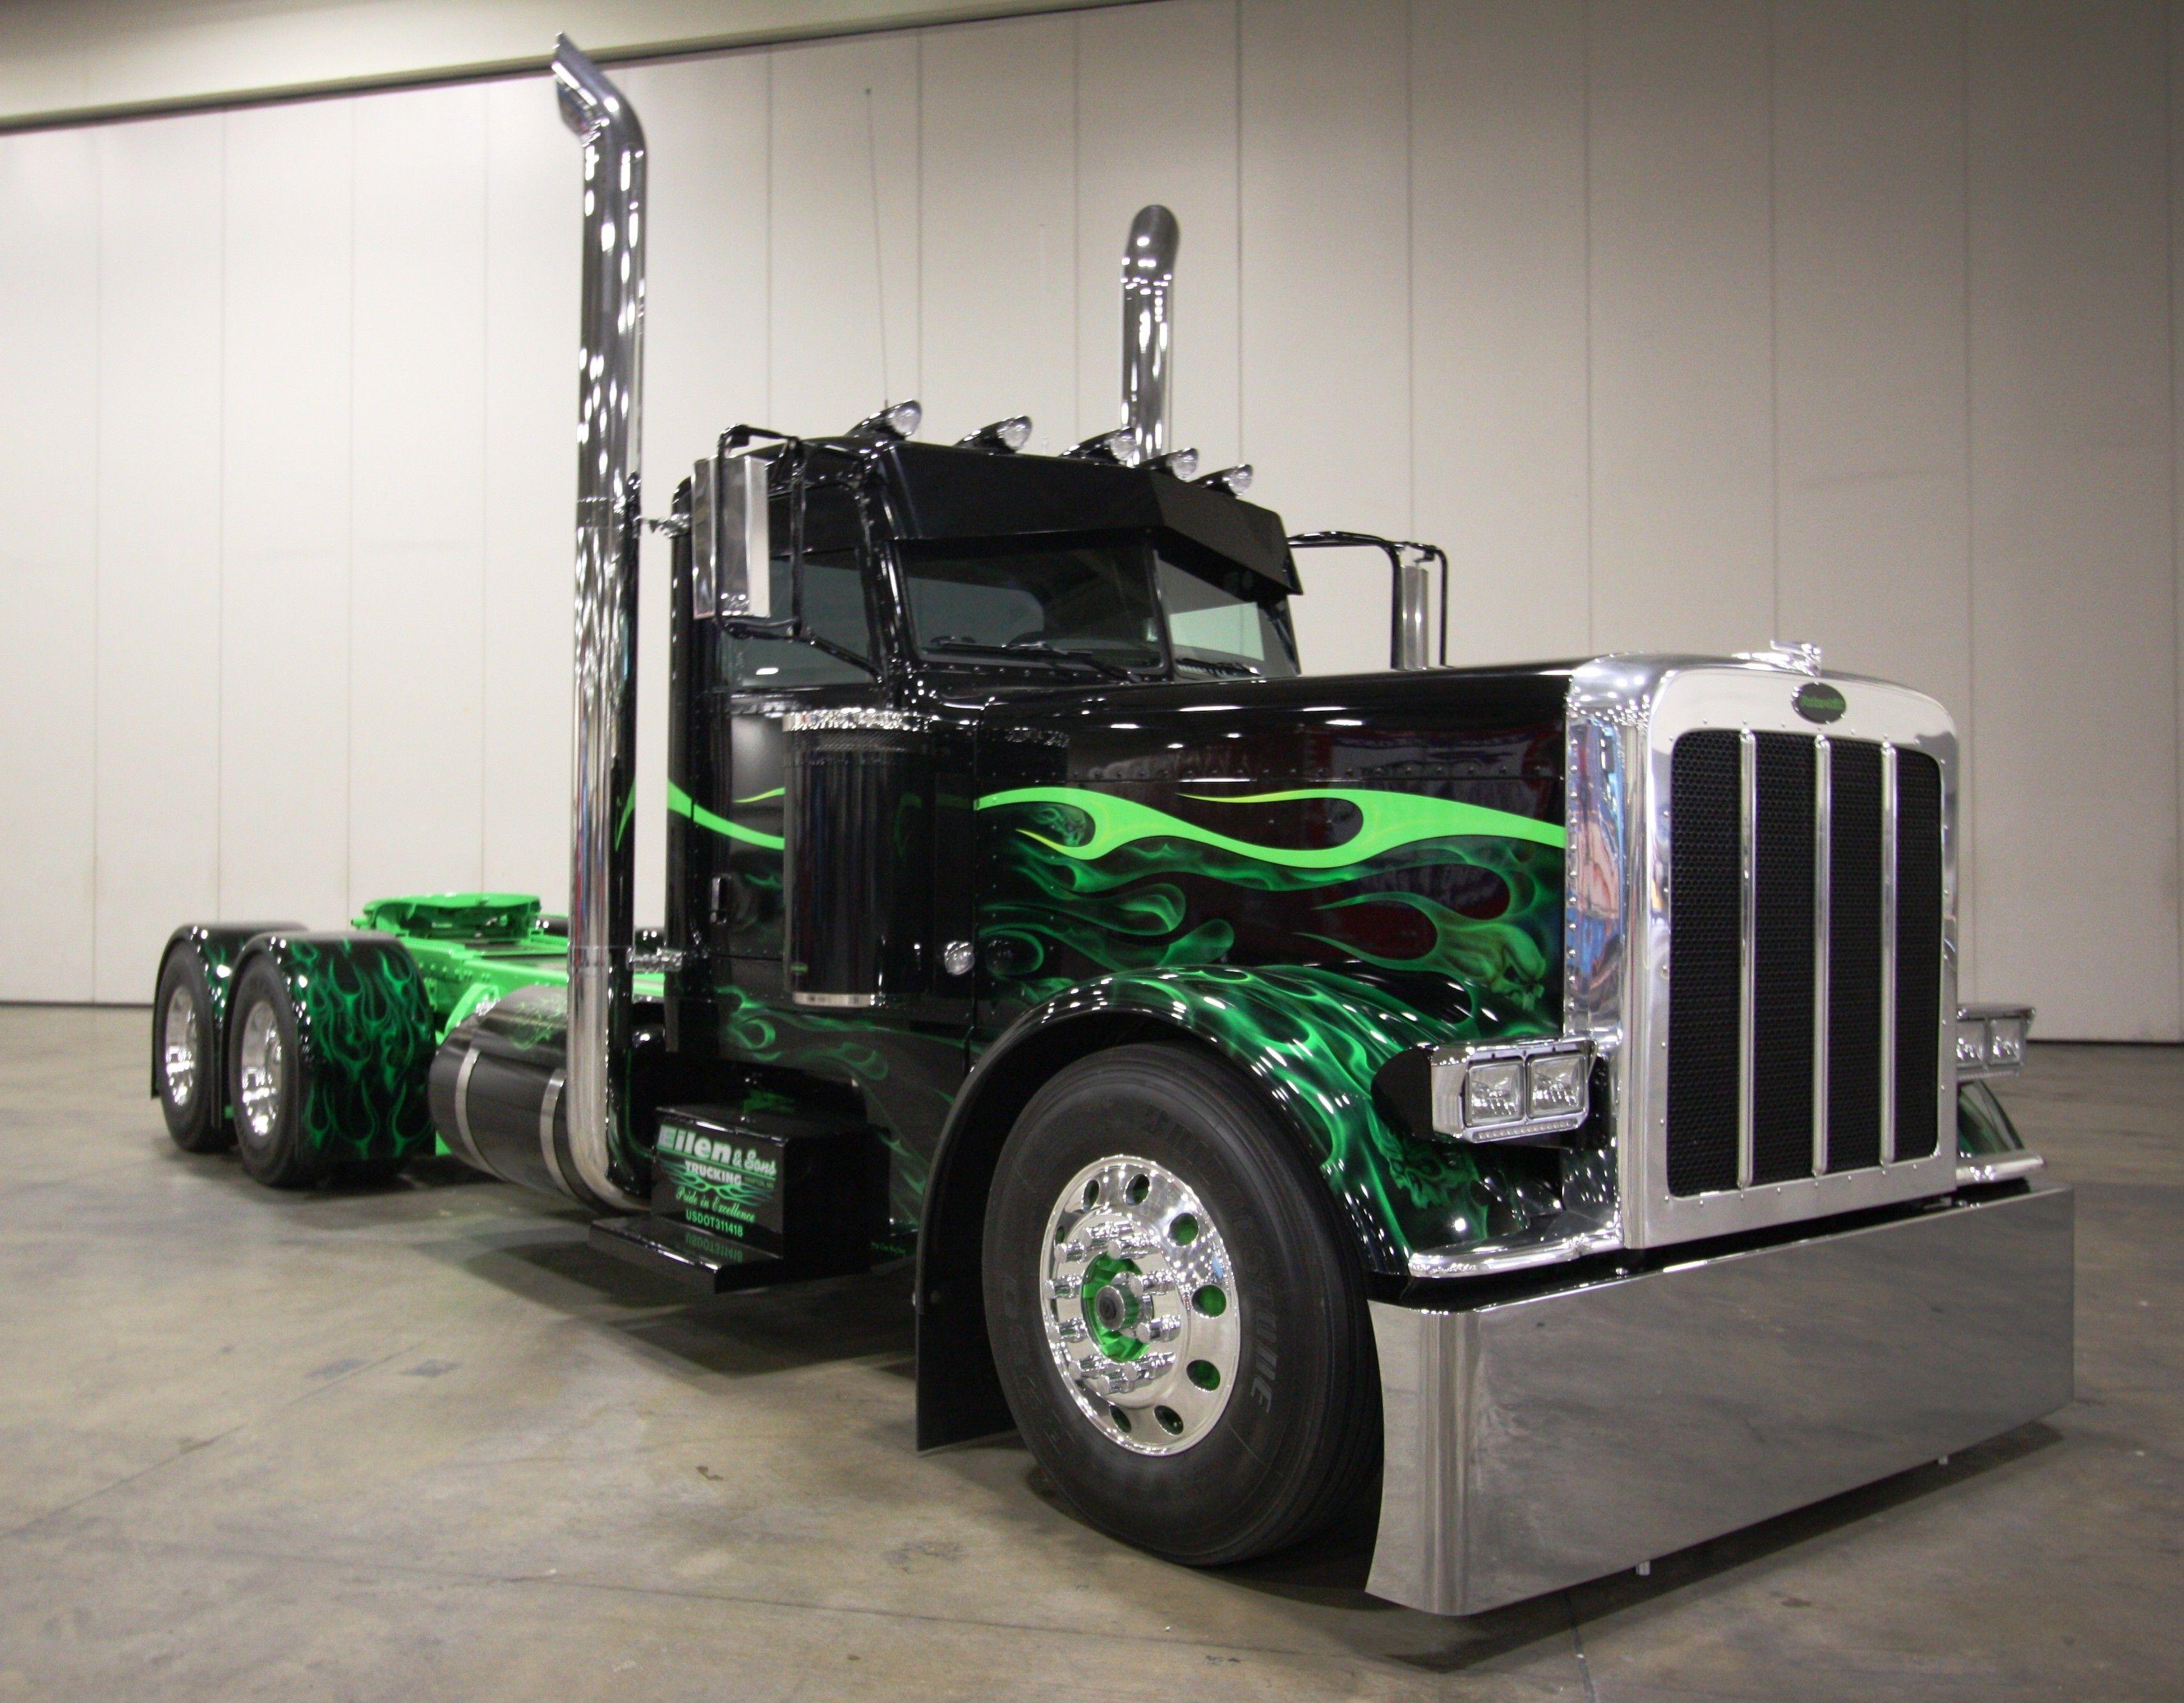 Best Of Show Working Bobtail Mitch Larson Pat Eilen Trucking